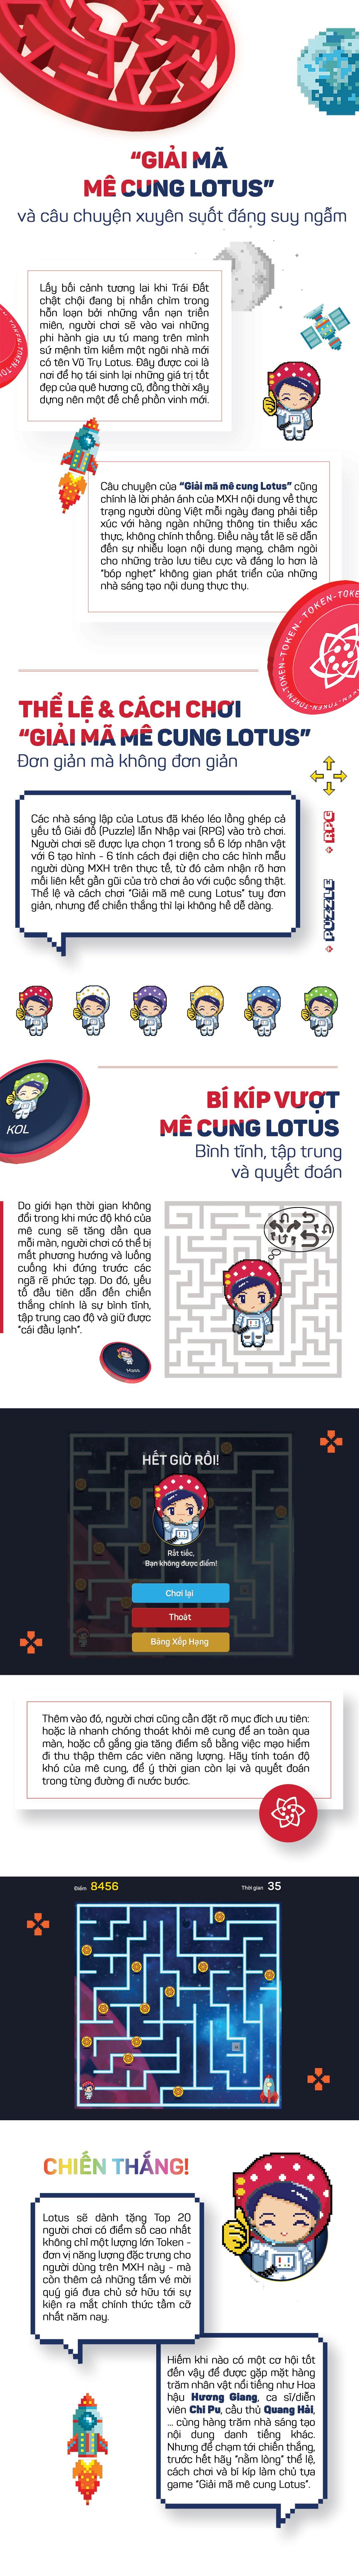 """Ôm trọn bí kíp phá đảo game """"Giải mã mê cung Lotus"""", giành vé tham dự sự kiện ra mắt MXH hot nhất năm - Ảnh 1."""